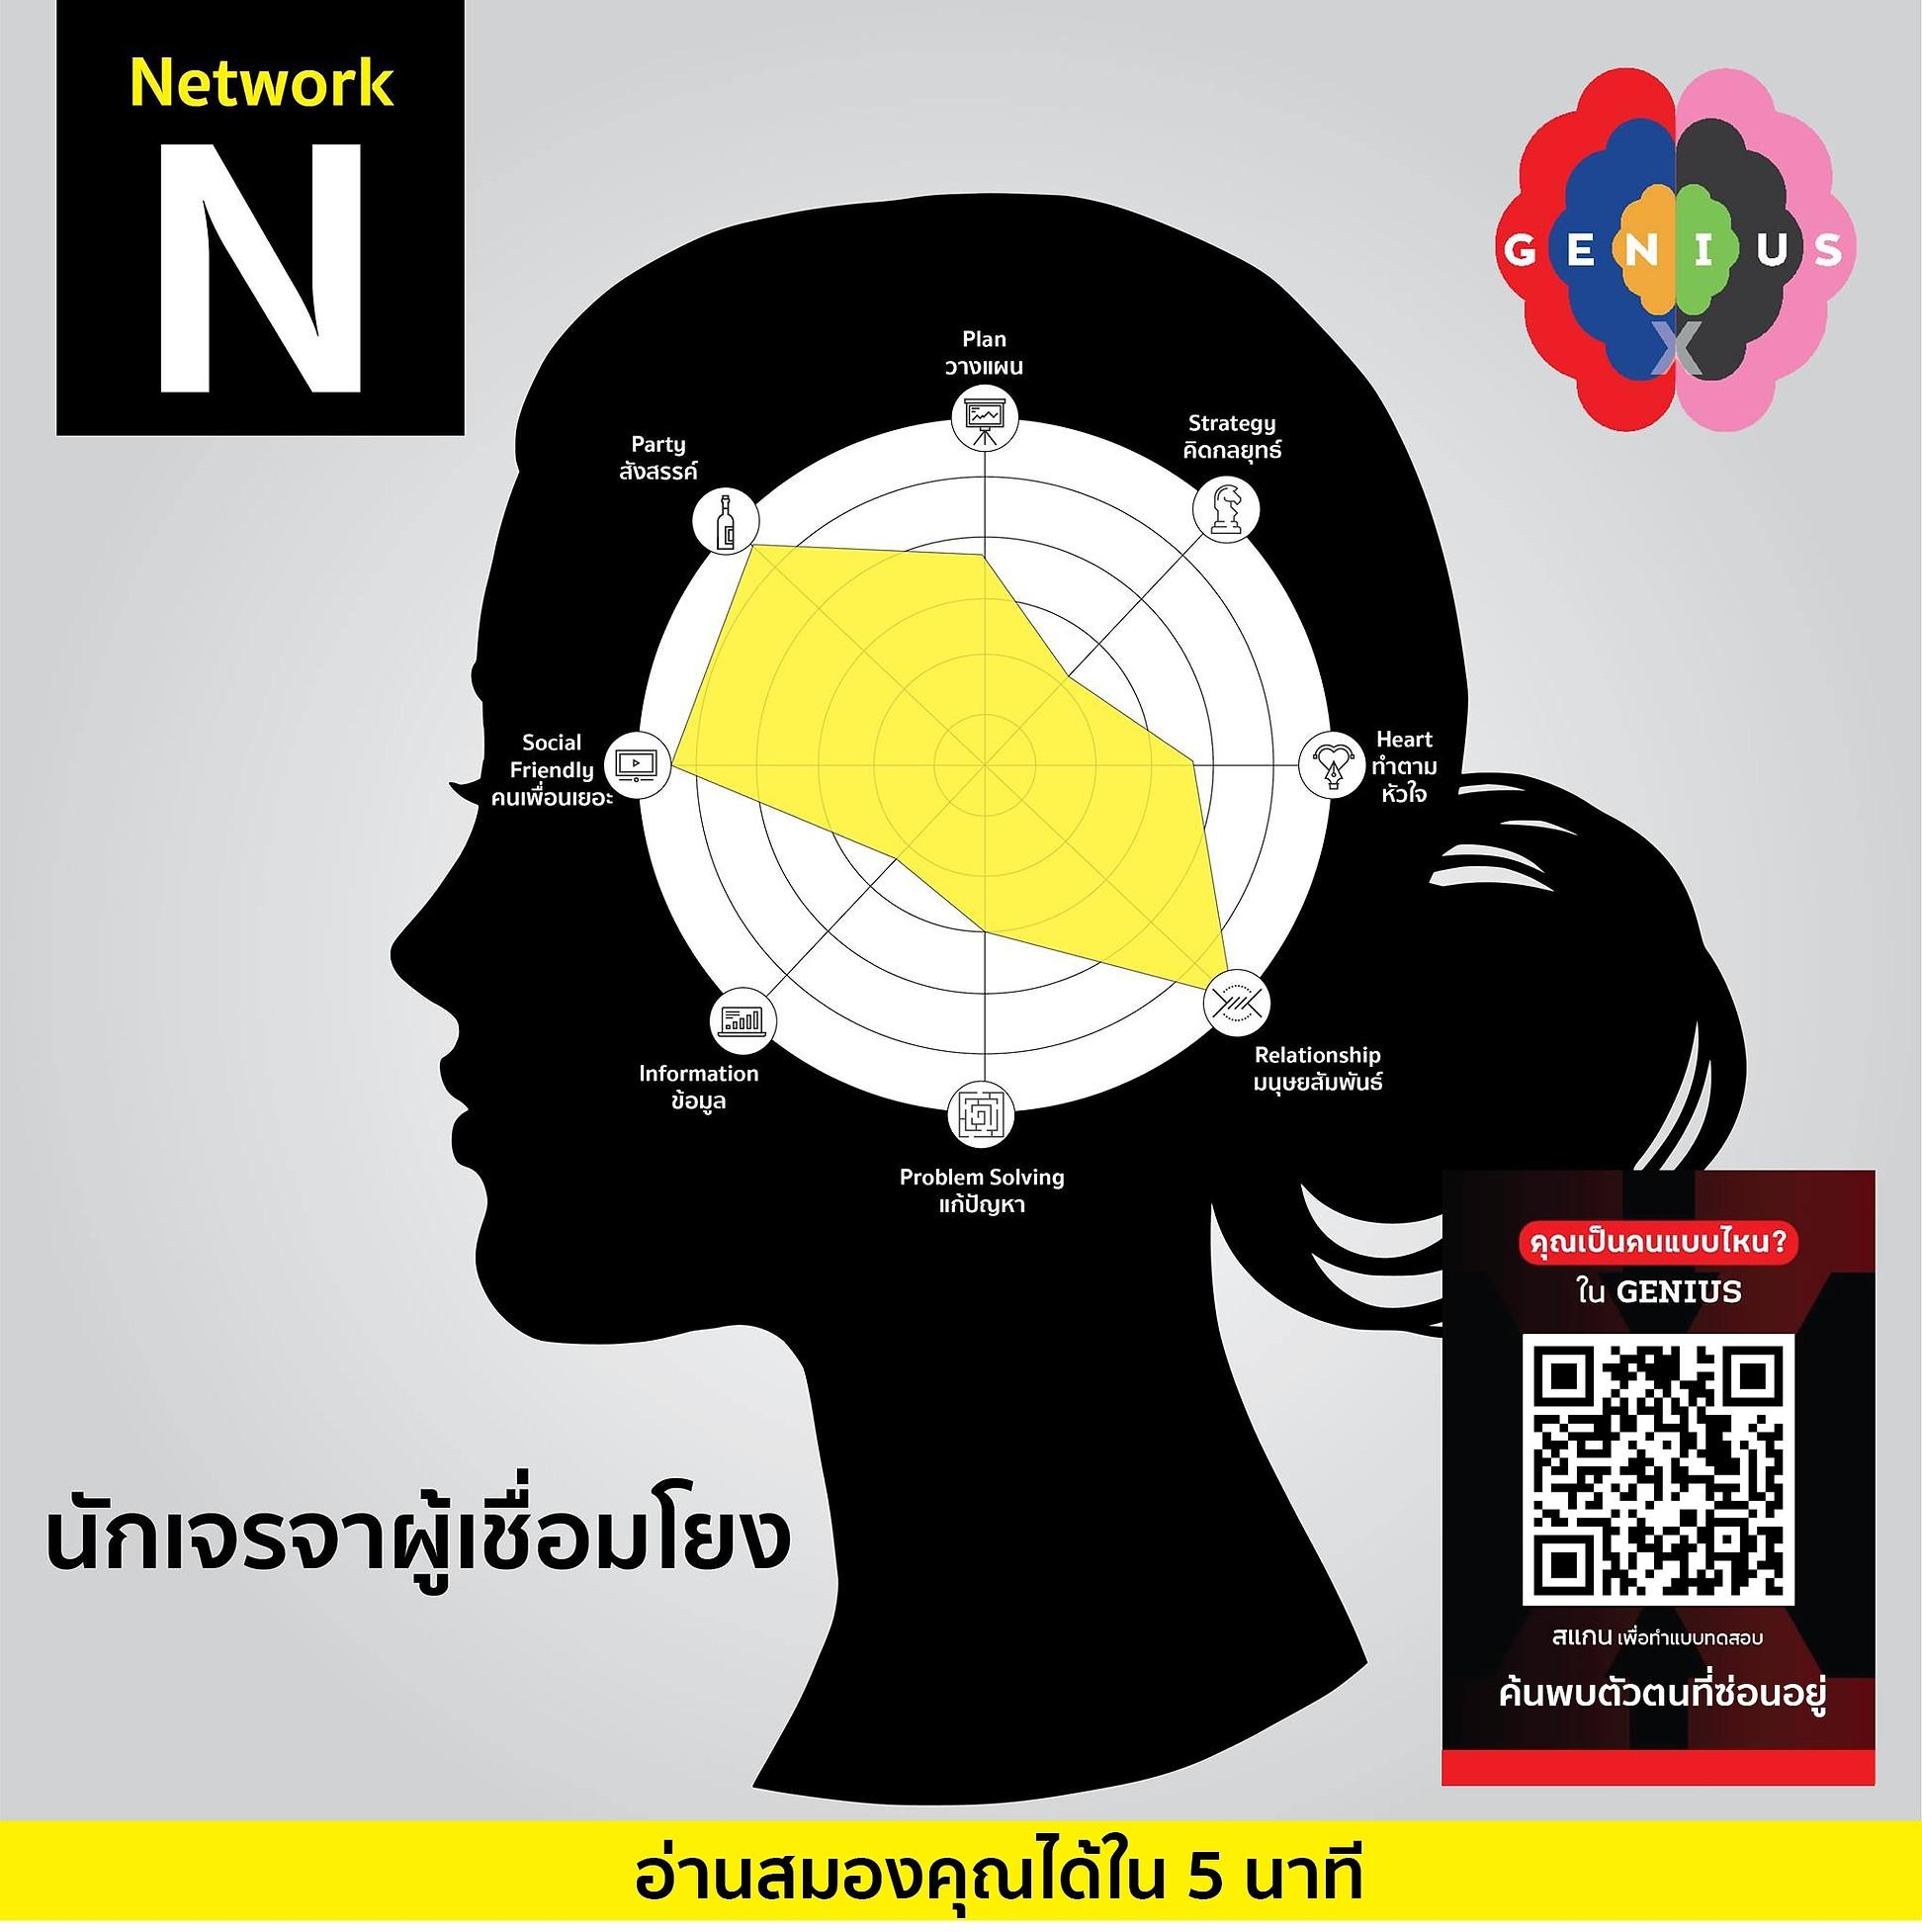 111 GX 003 Network.jpg